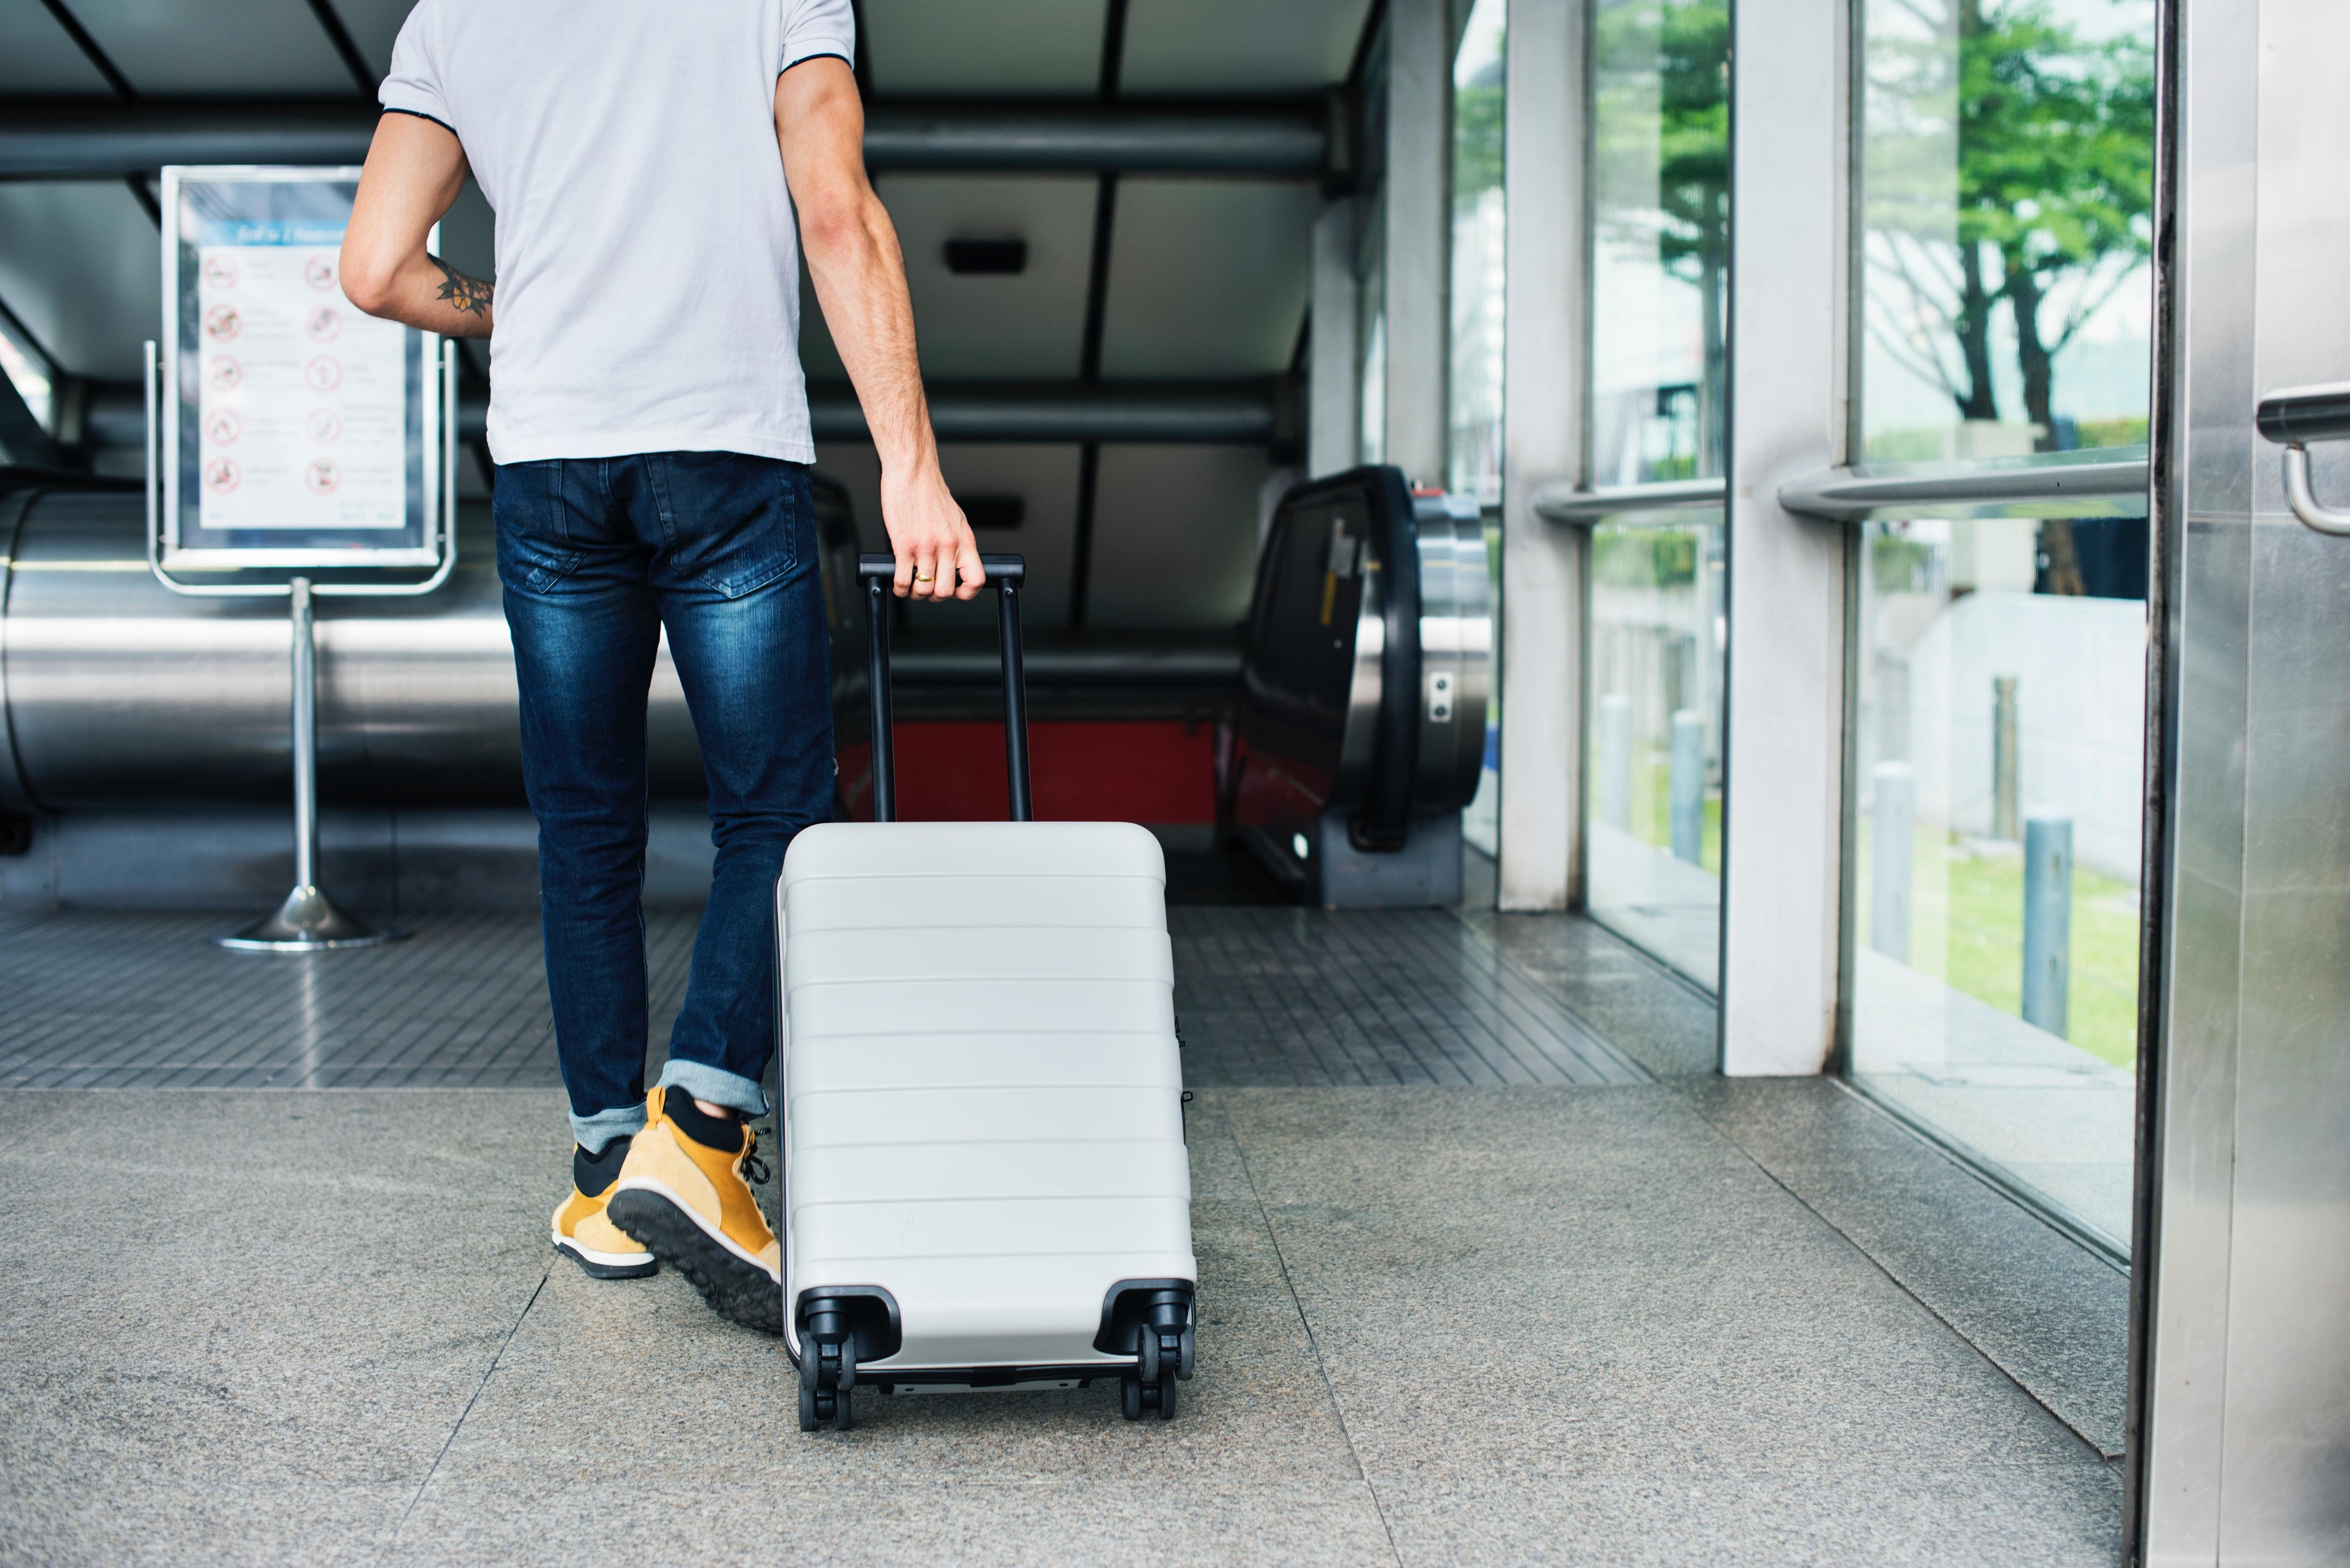 Noile tehnologii ar putea duce la descongestionarea aeroporturilor